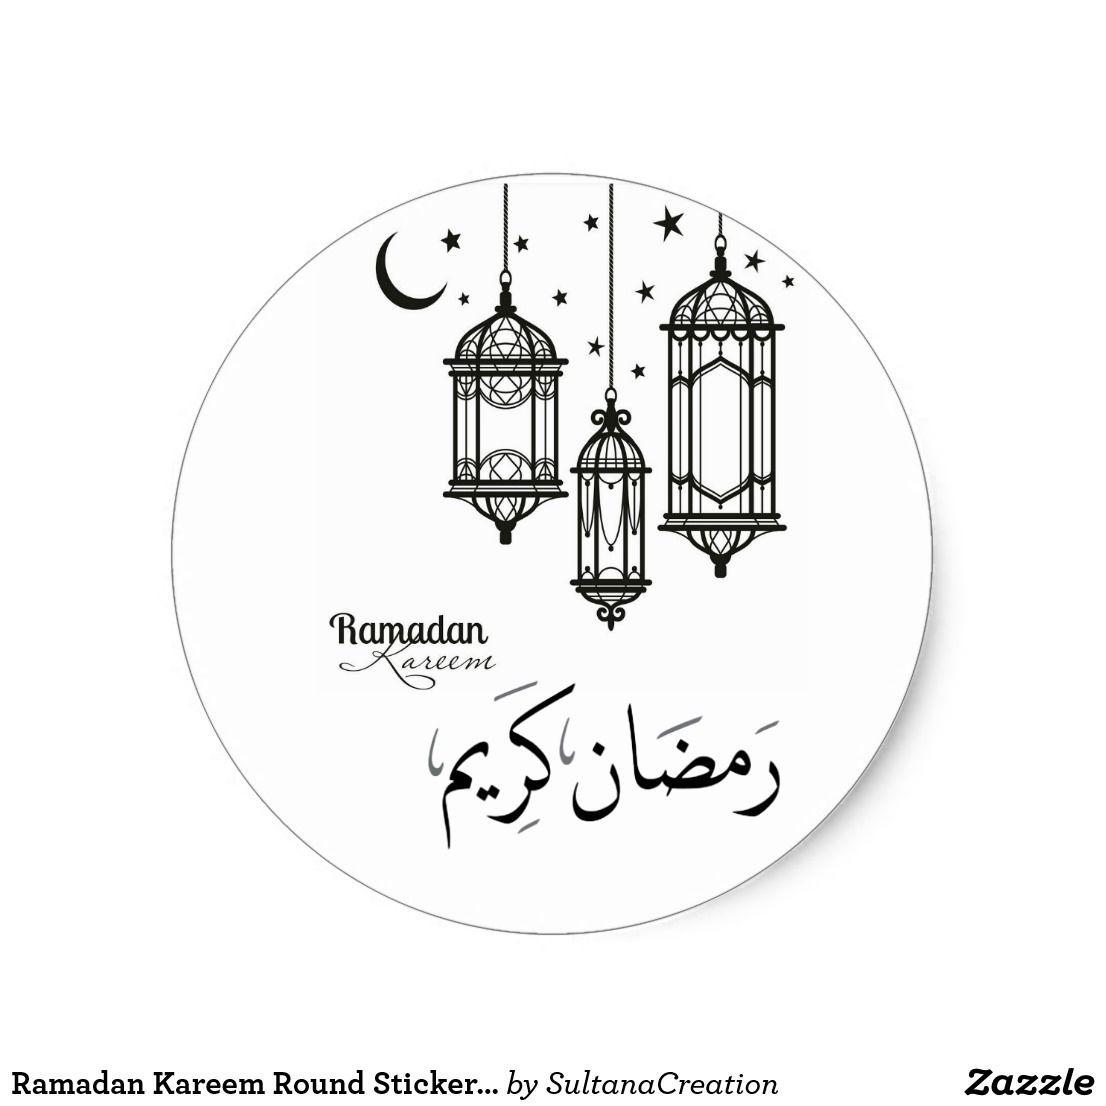 Ramadan Kareem Round Sticker Glossy Classic Round Sticker Zazzle Com In 2021 Ramadan Images Ramadan Ramadan Kareem